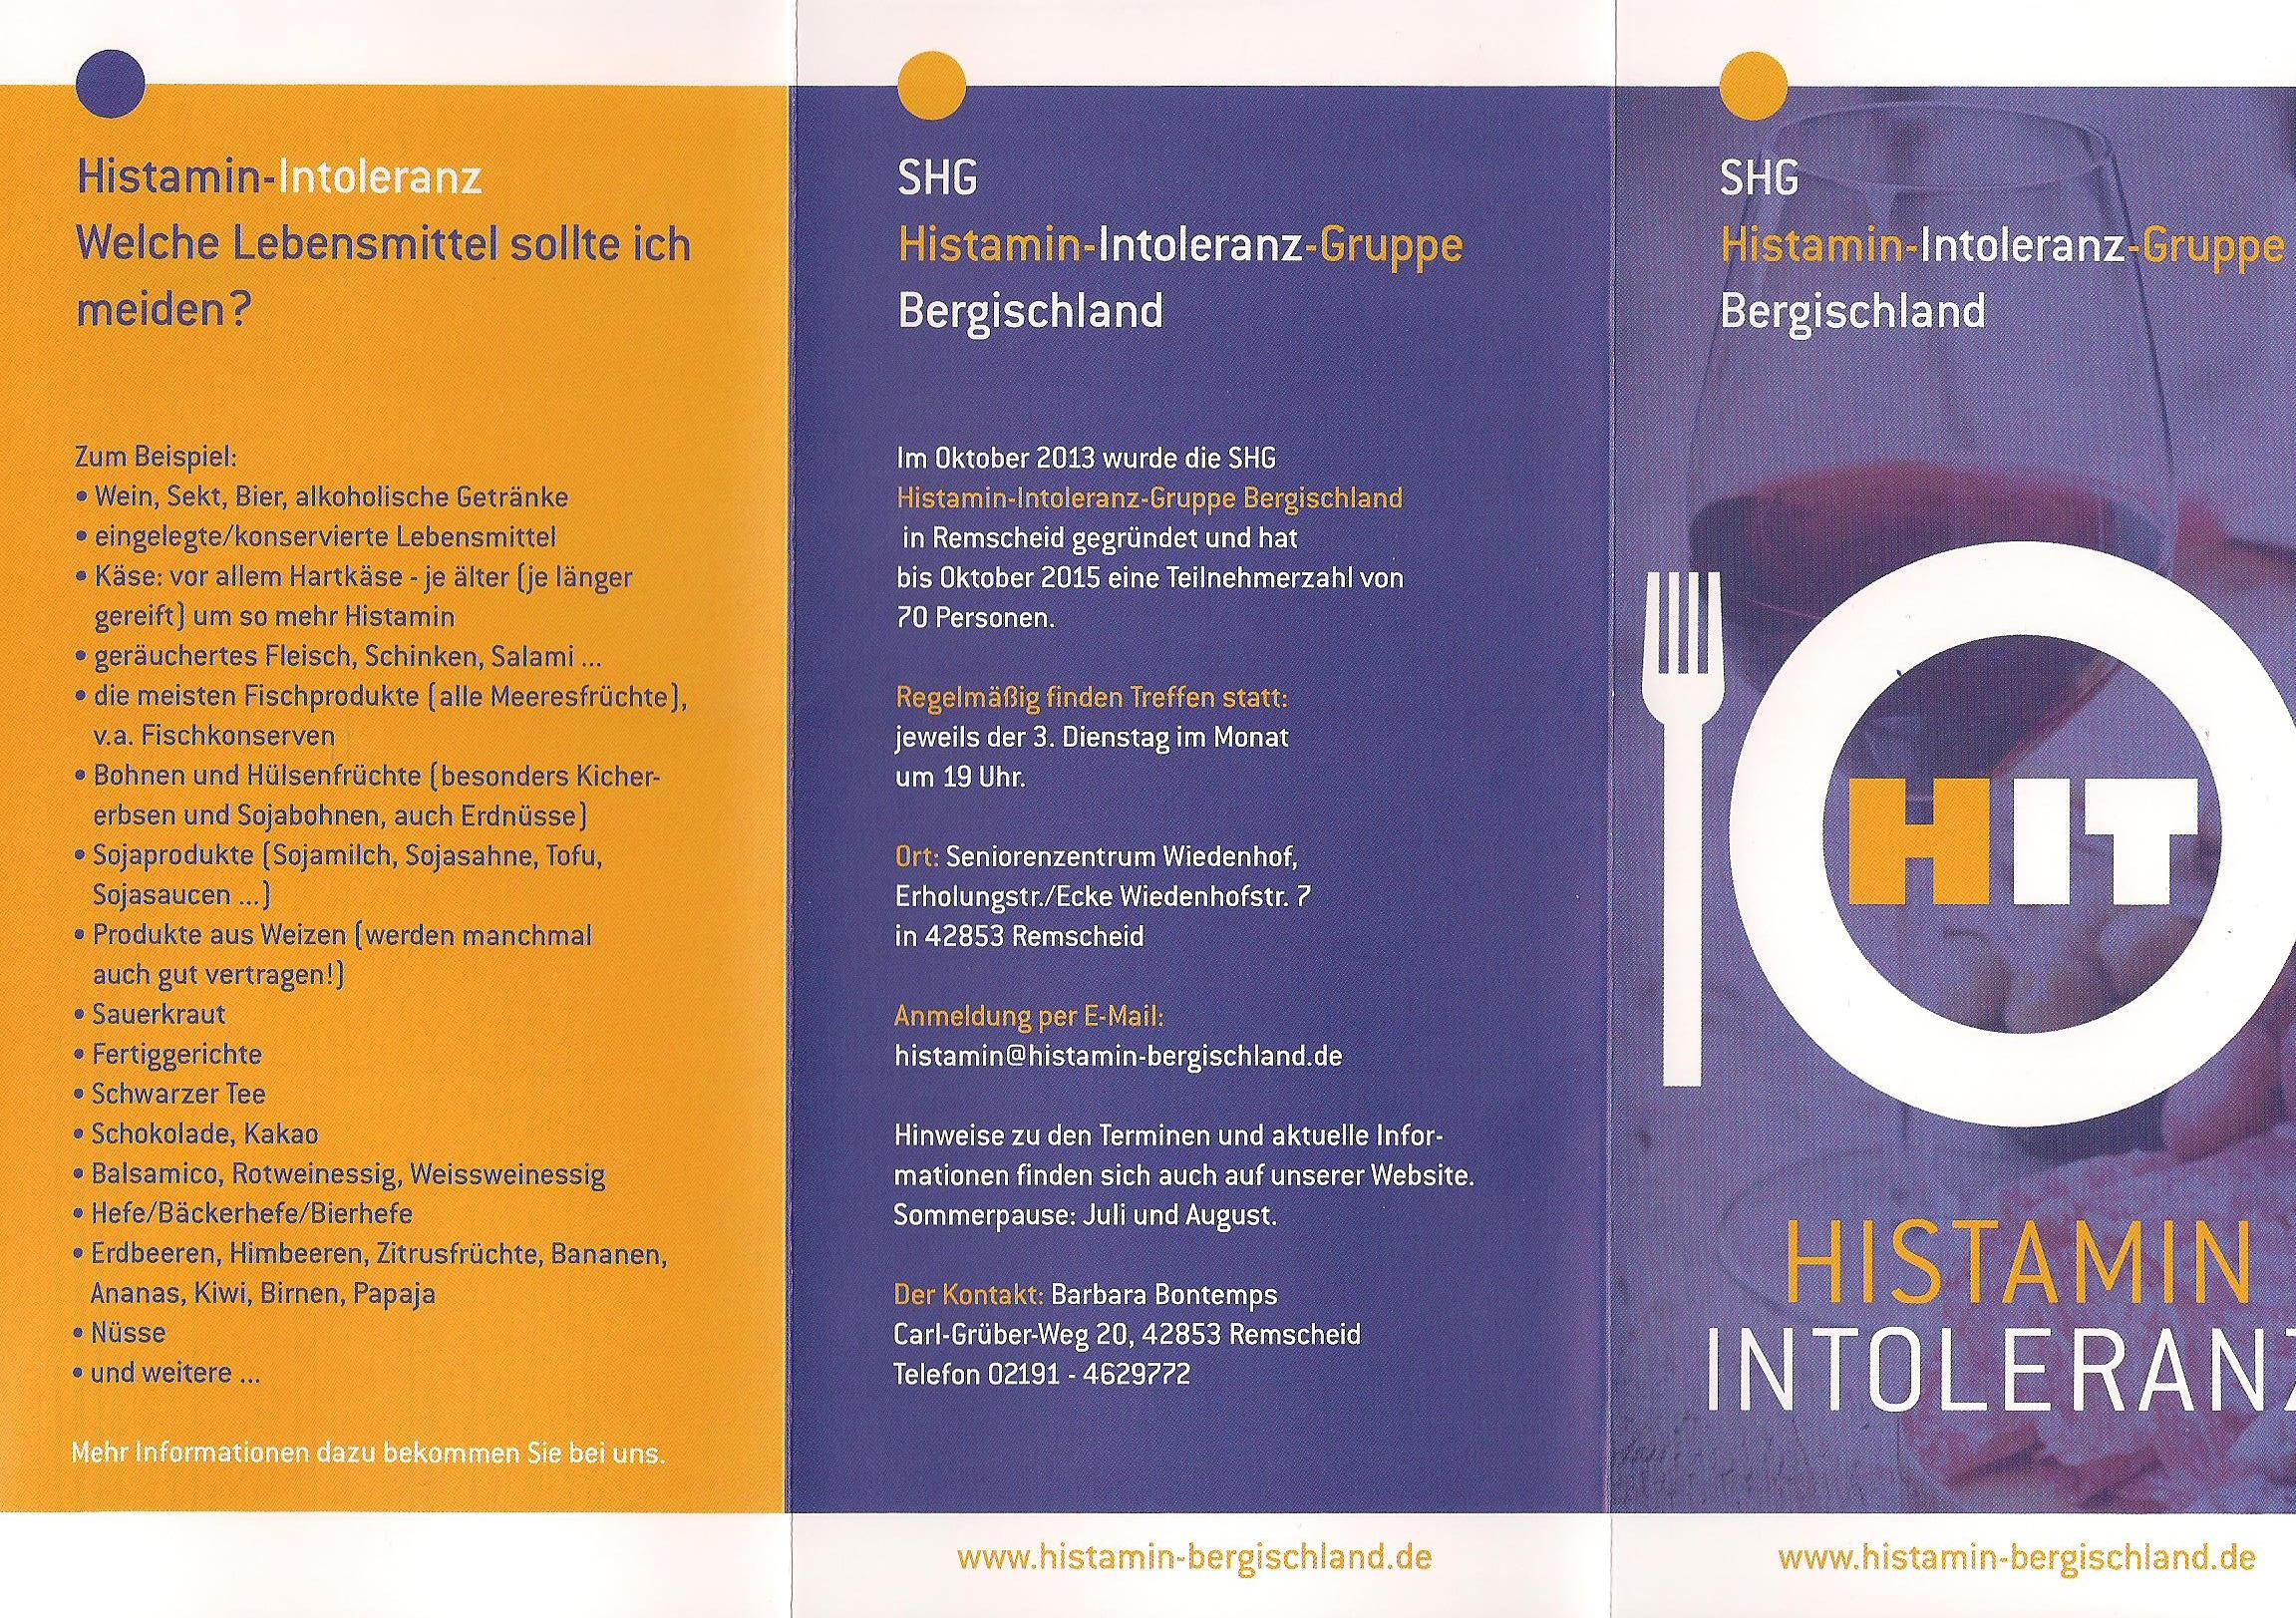 Histamin Intoleranz Selbsthilfegruppe Bergischland